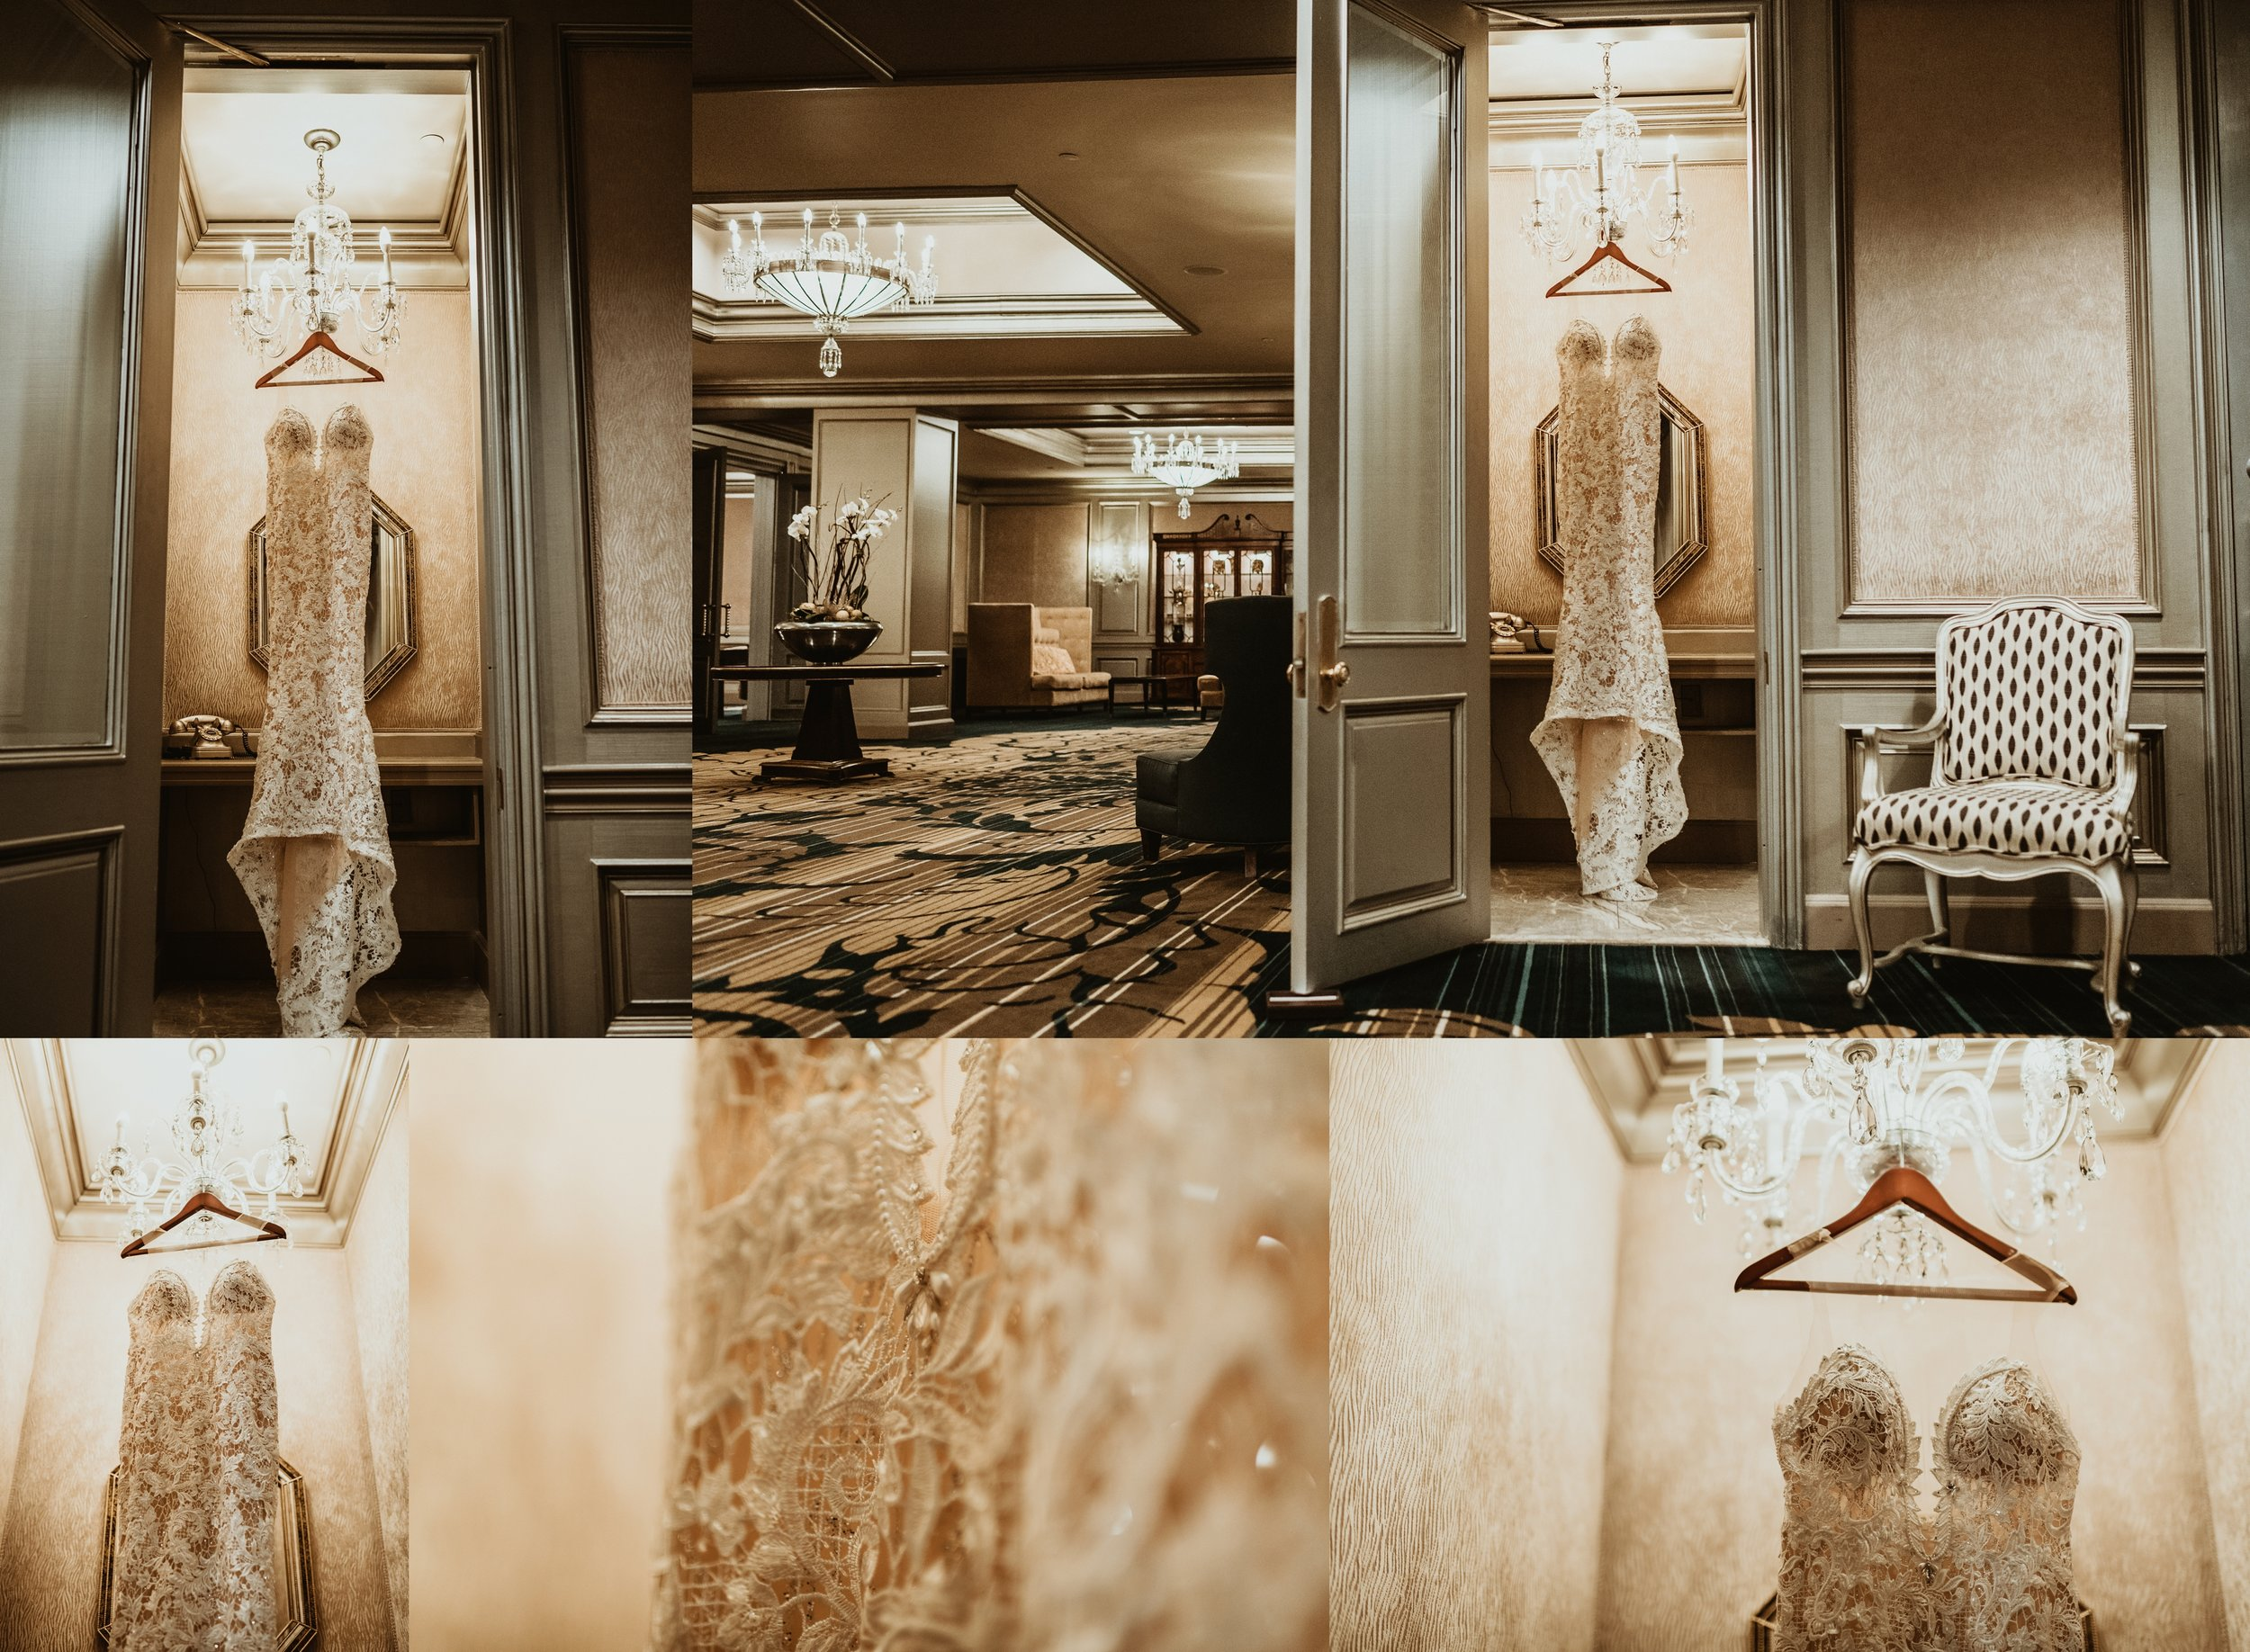 Classic Vintage Wedding   Ritz Carlton Atlanta, Georgia   Terry Farms Photography   Wedding Gown   Vintage Wedding Dress Photos